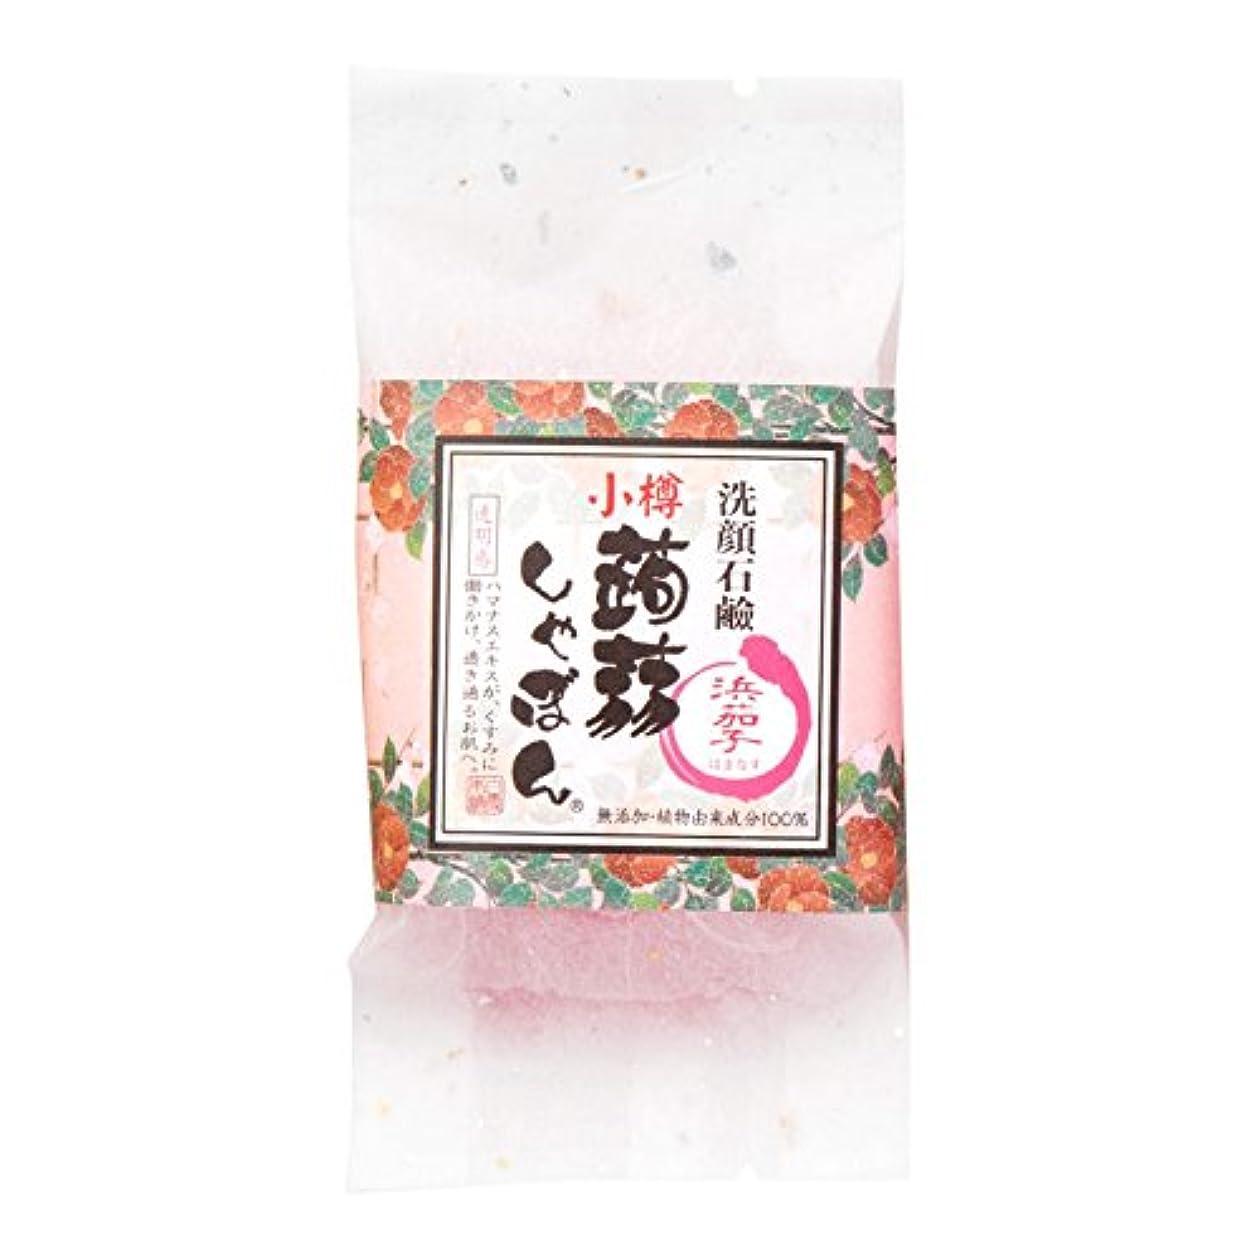 ハシースーパー誇りに思う小樽蒟蒻しゃぼん小樽 浜茄子(はまなす)